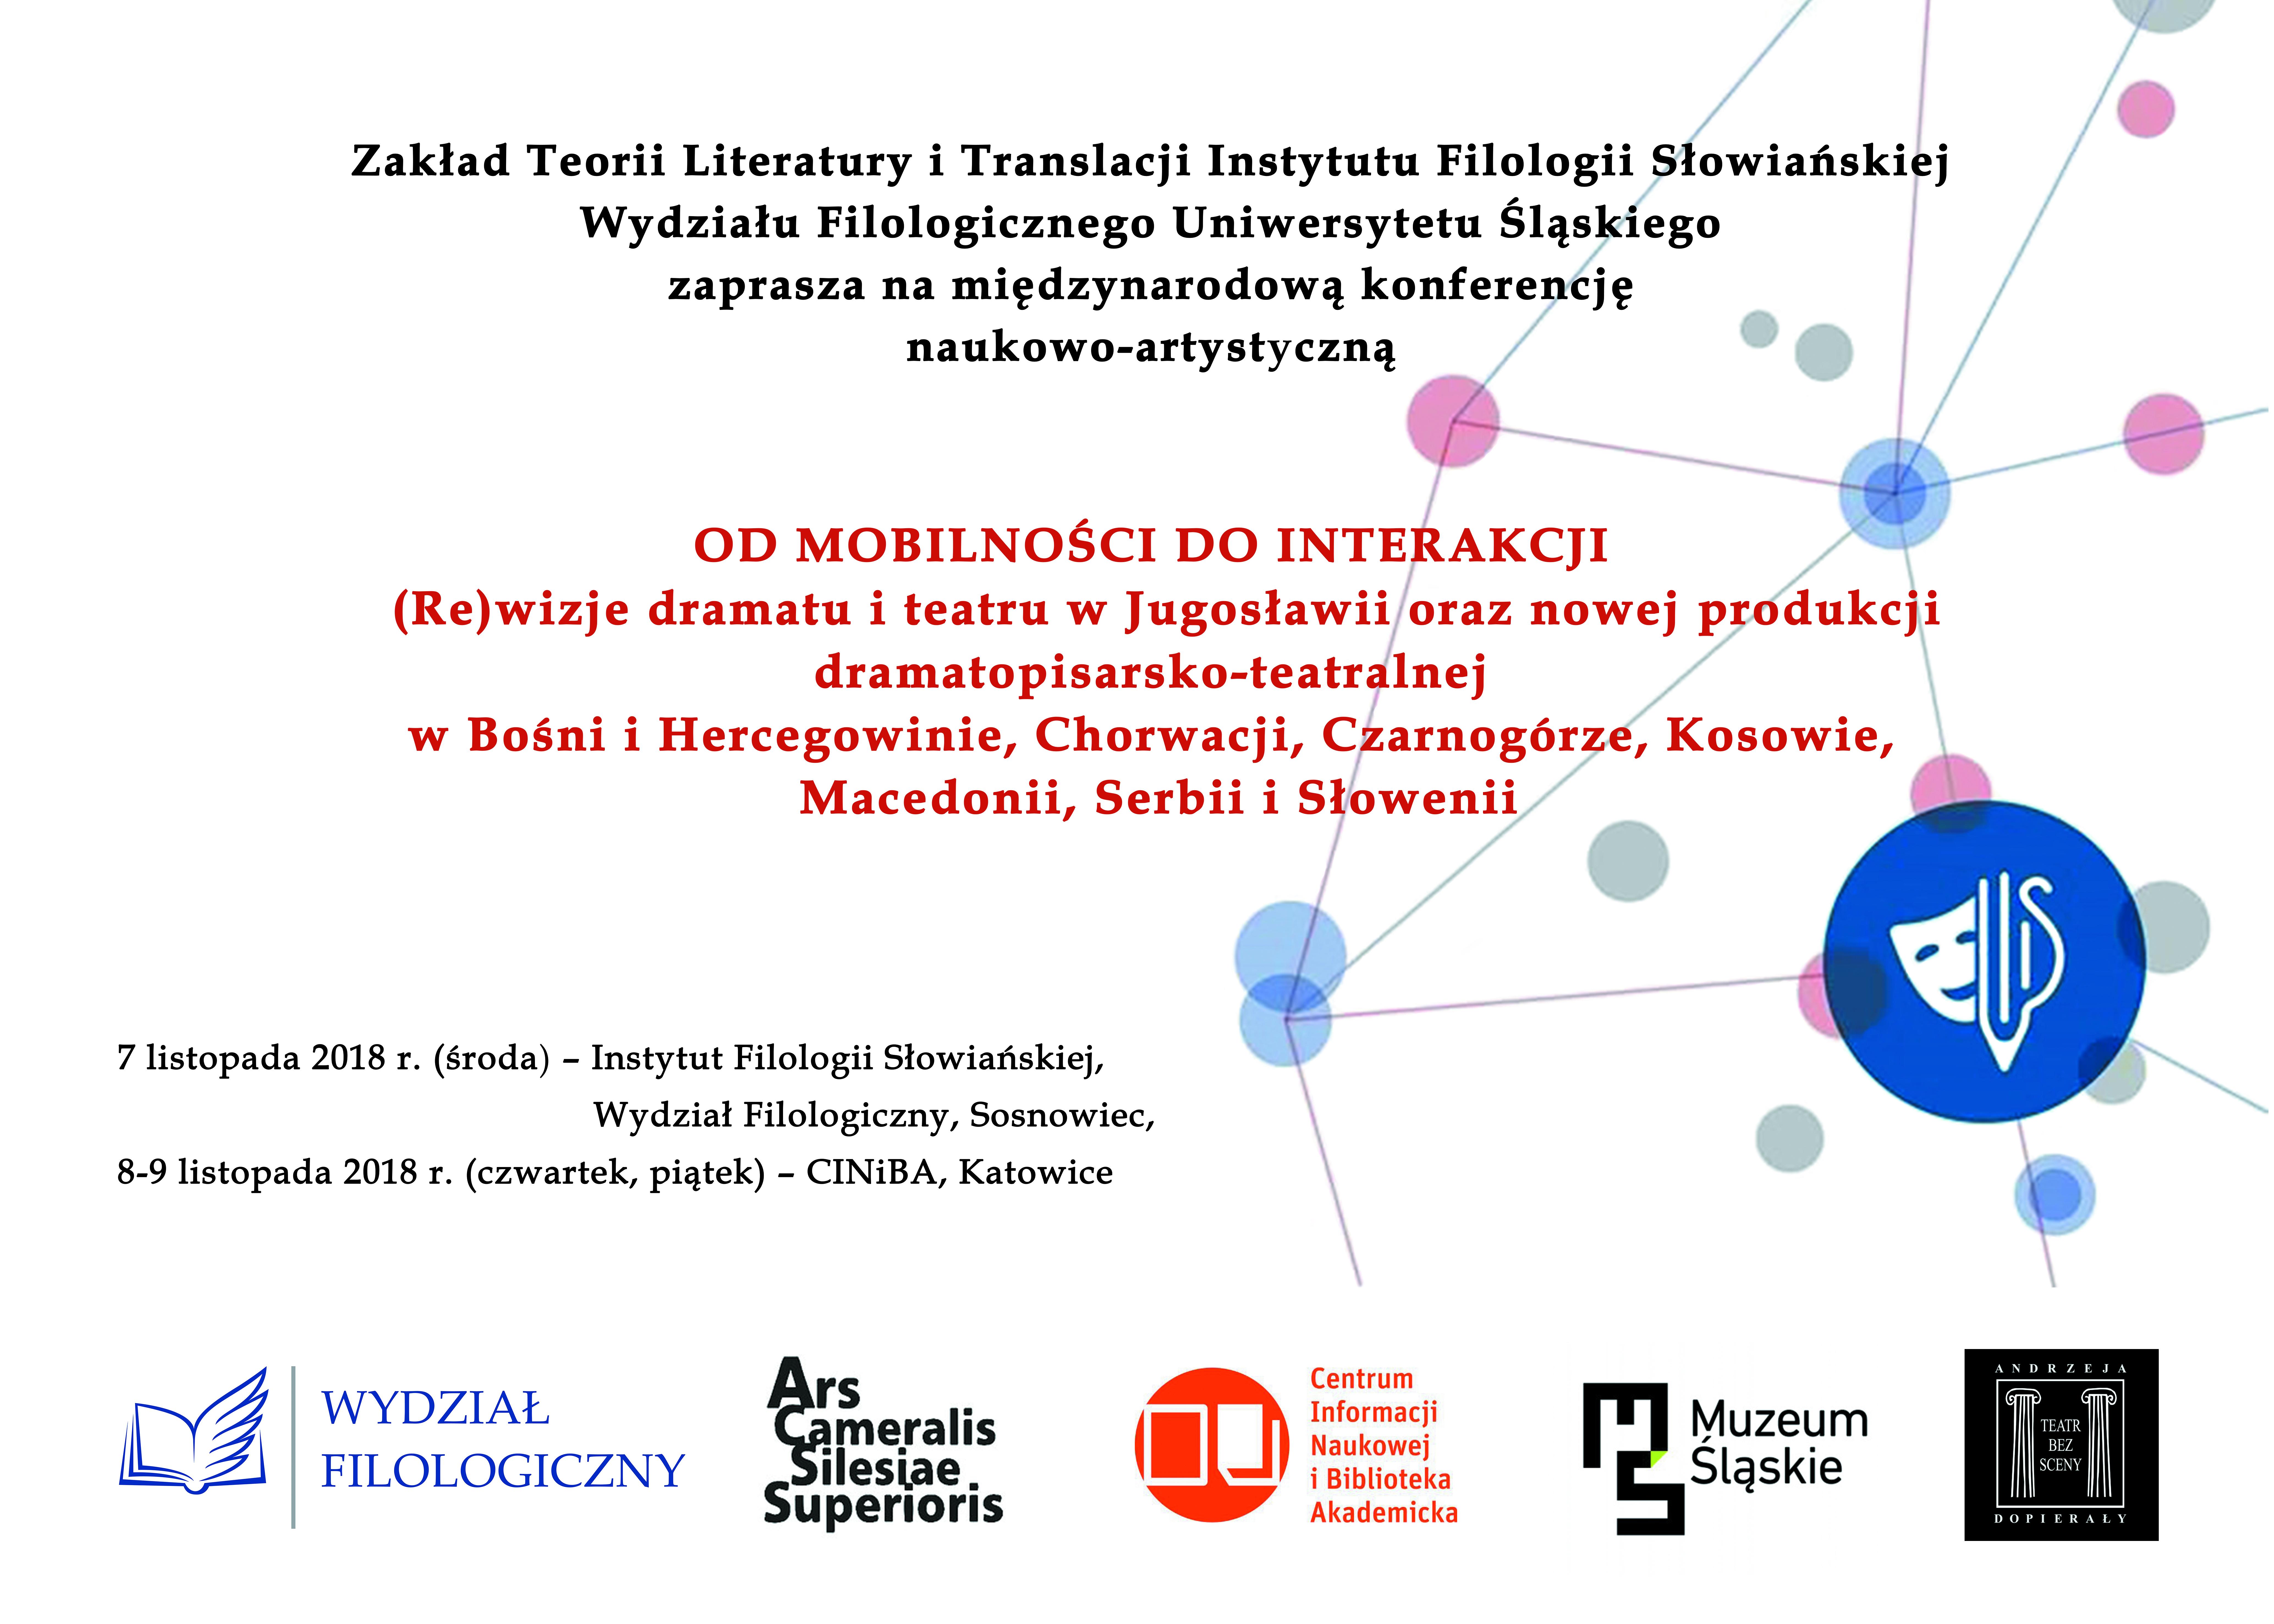 Przekłady Literatur Słowiańskich Zakład Teorii Literatury I Translacji